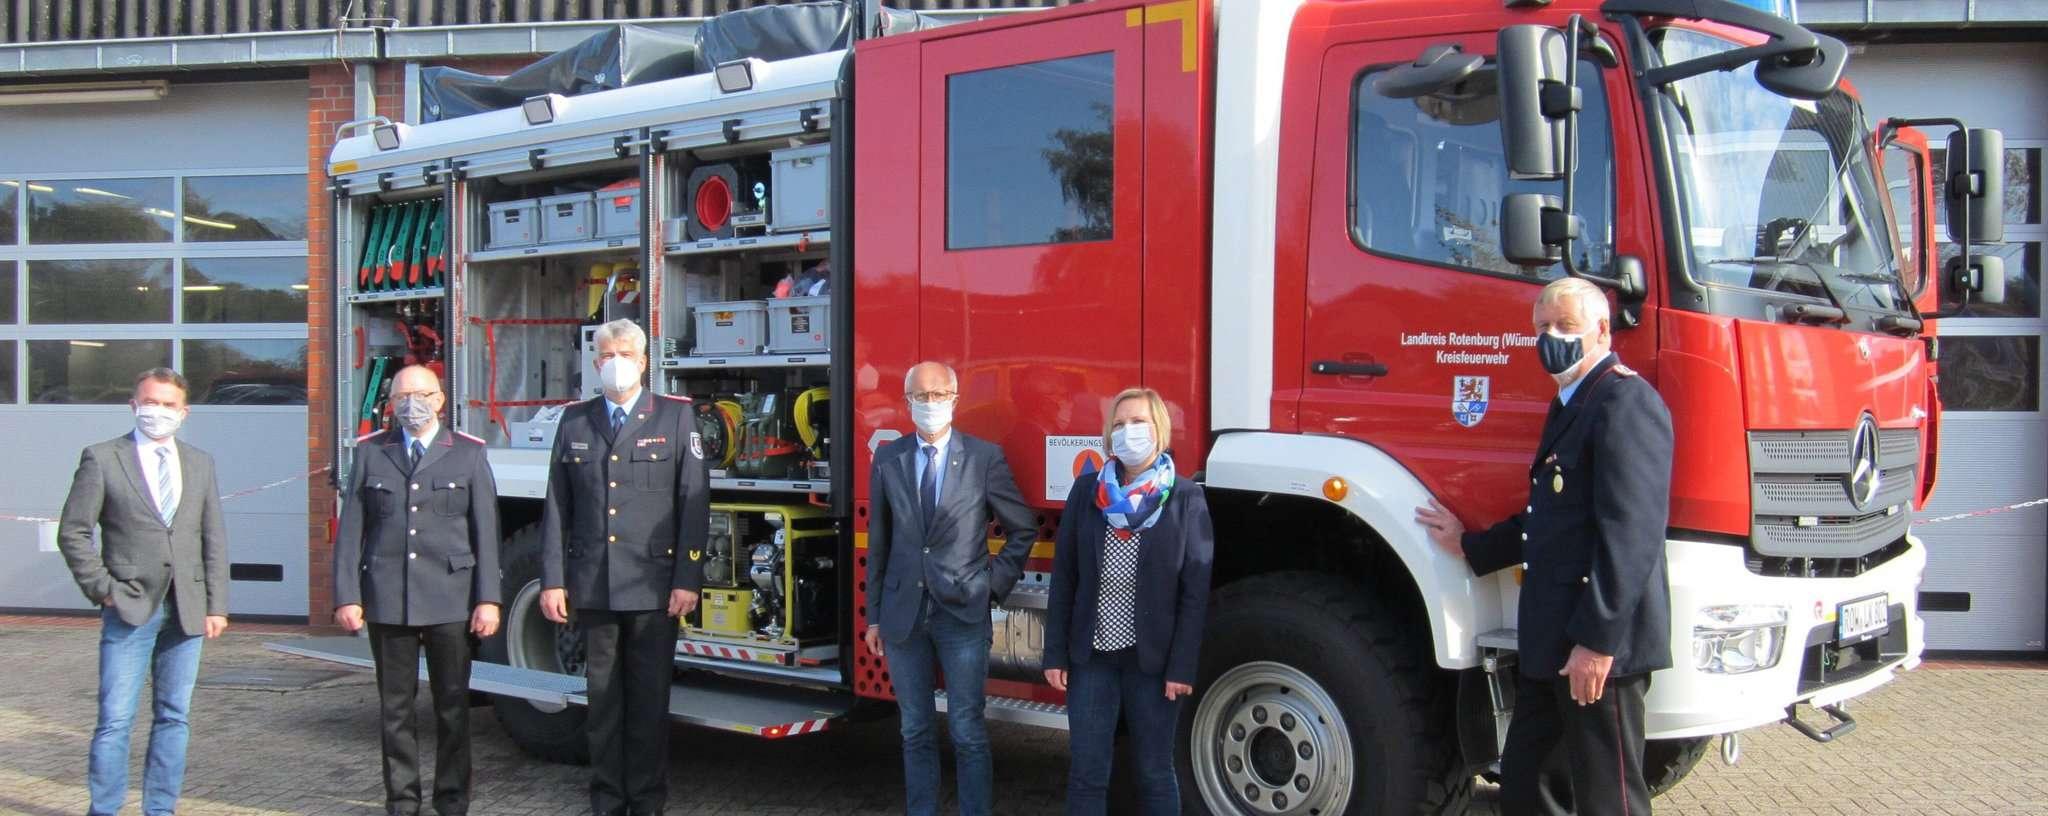 Dirk Eberle (von links), Frank Radeck, Peter Dettmer, Hermann Luttmann, Heike von Ostrowski und Helmut Becker freuen sich über das neue Fahrzeug.